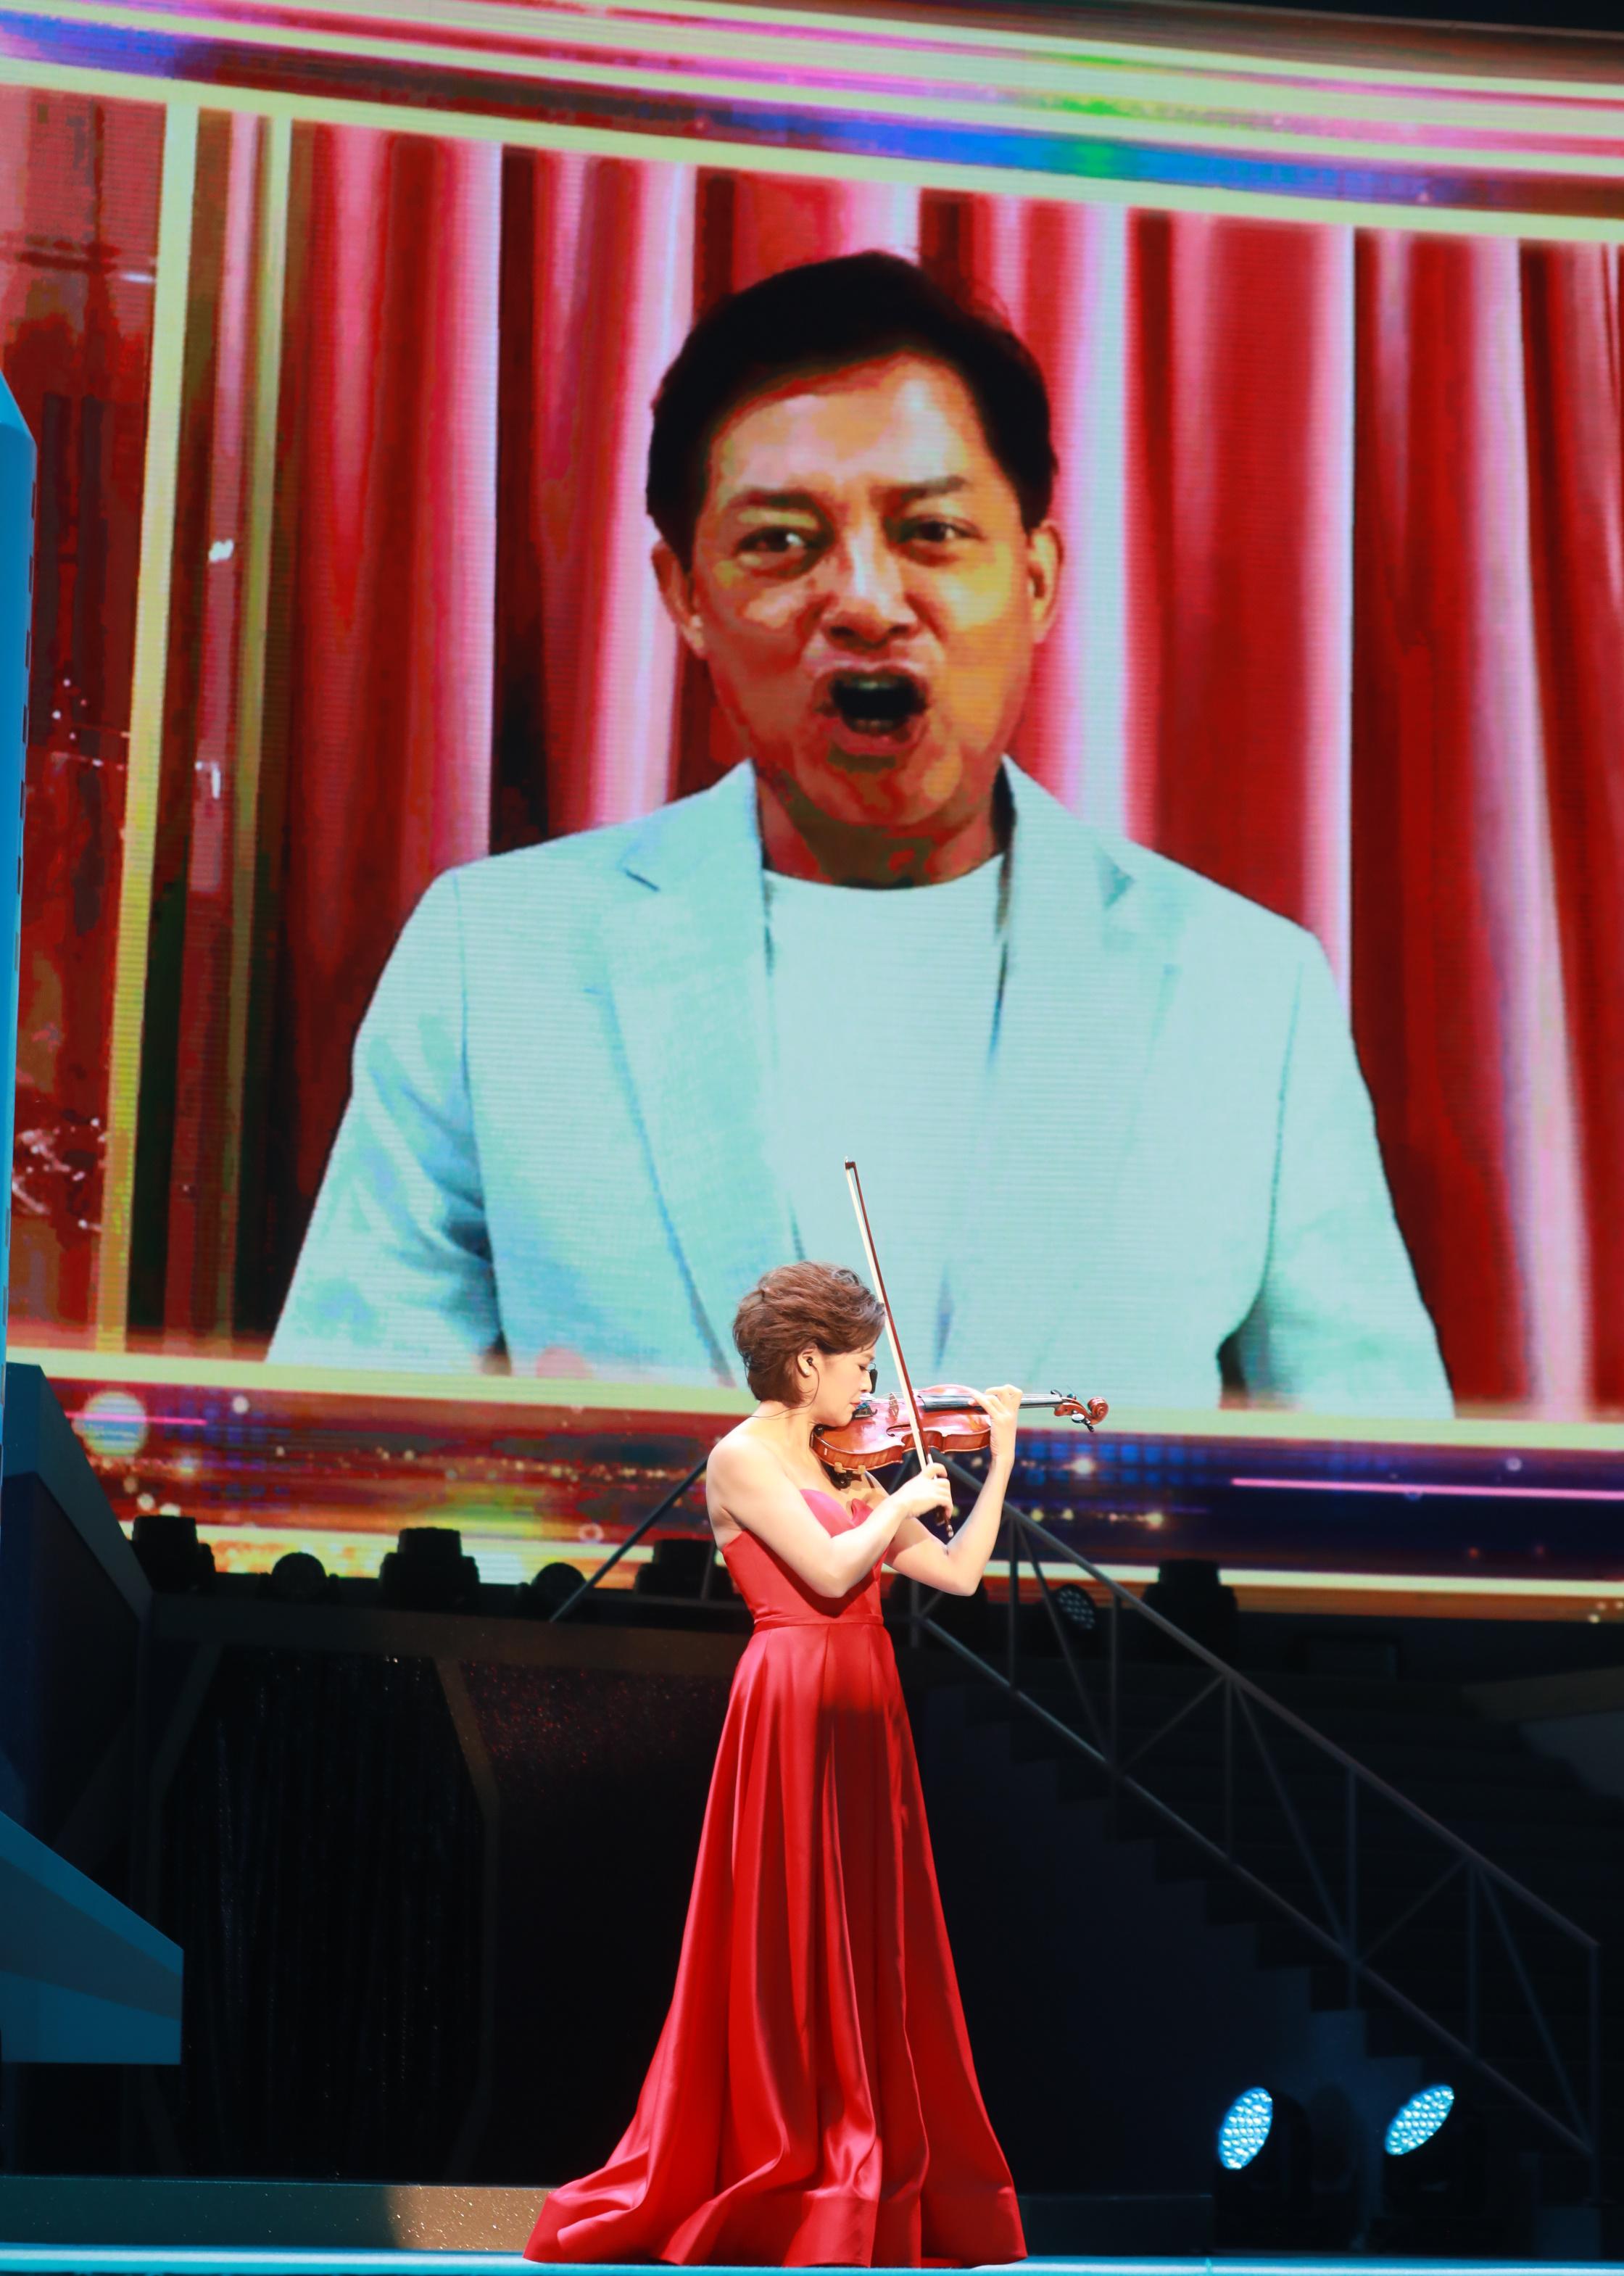 中國著名小提琴演奏家姚珏,以及國際知名男高音歌唱家莫華倫隔空合作,帶來精彩演出。(大公文匯全媒體記者攝)